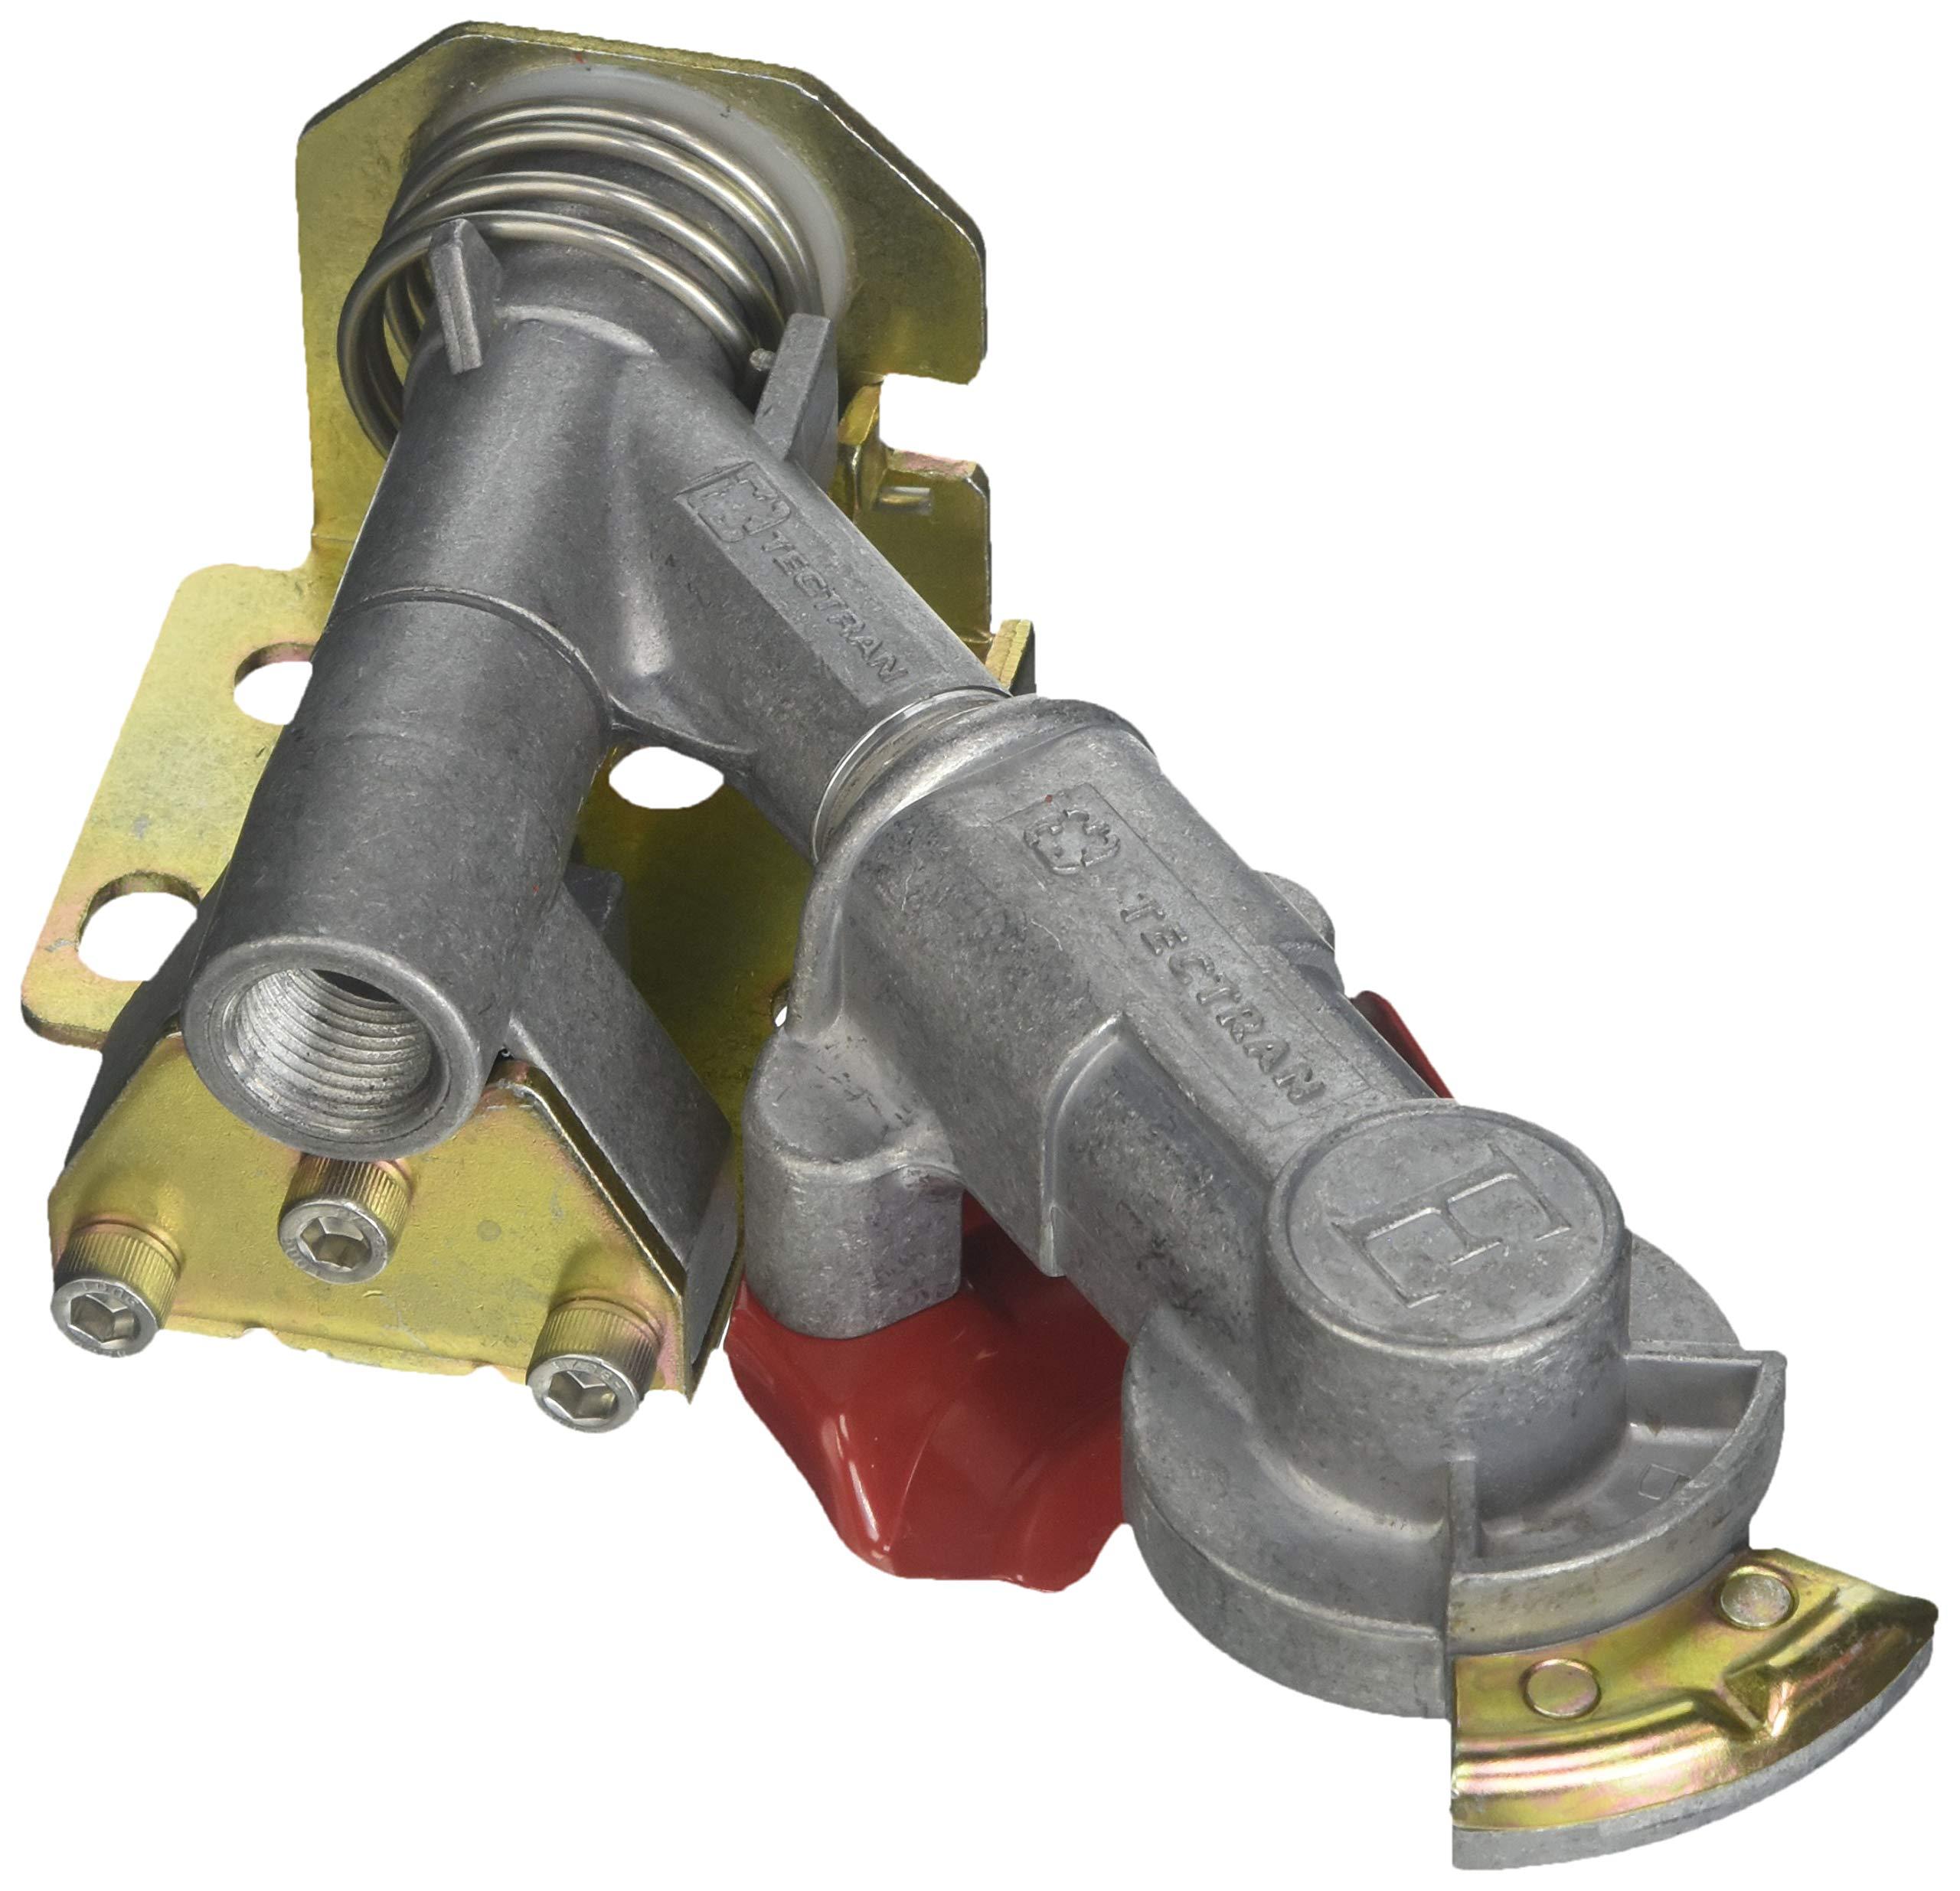 Tectran 9222 Bracket Mount Gladhand, Emergency Swivel Mount-45 Degrees, Aluminum, Unplugged, Plugged Port B (3/8'')